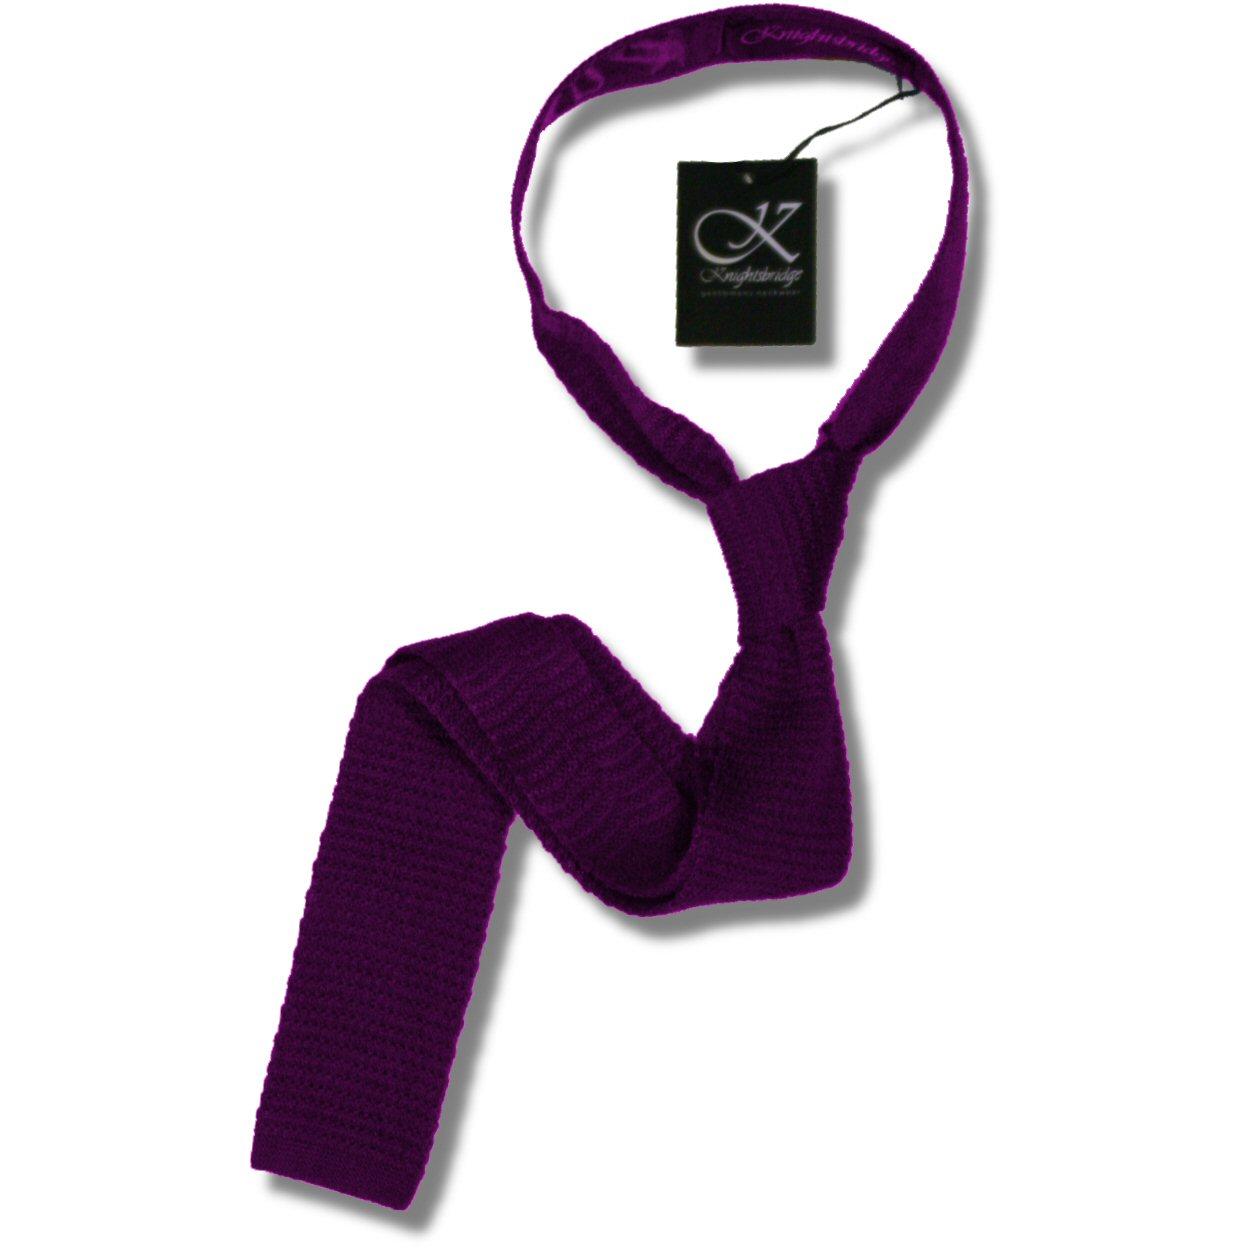 71f2ae2e0b8a Knightsbridge Retro Mod 60's Slim Square End Plain Knitted Silk Tie Purple  Thumbnail 1